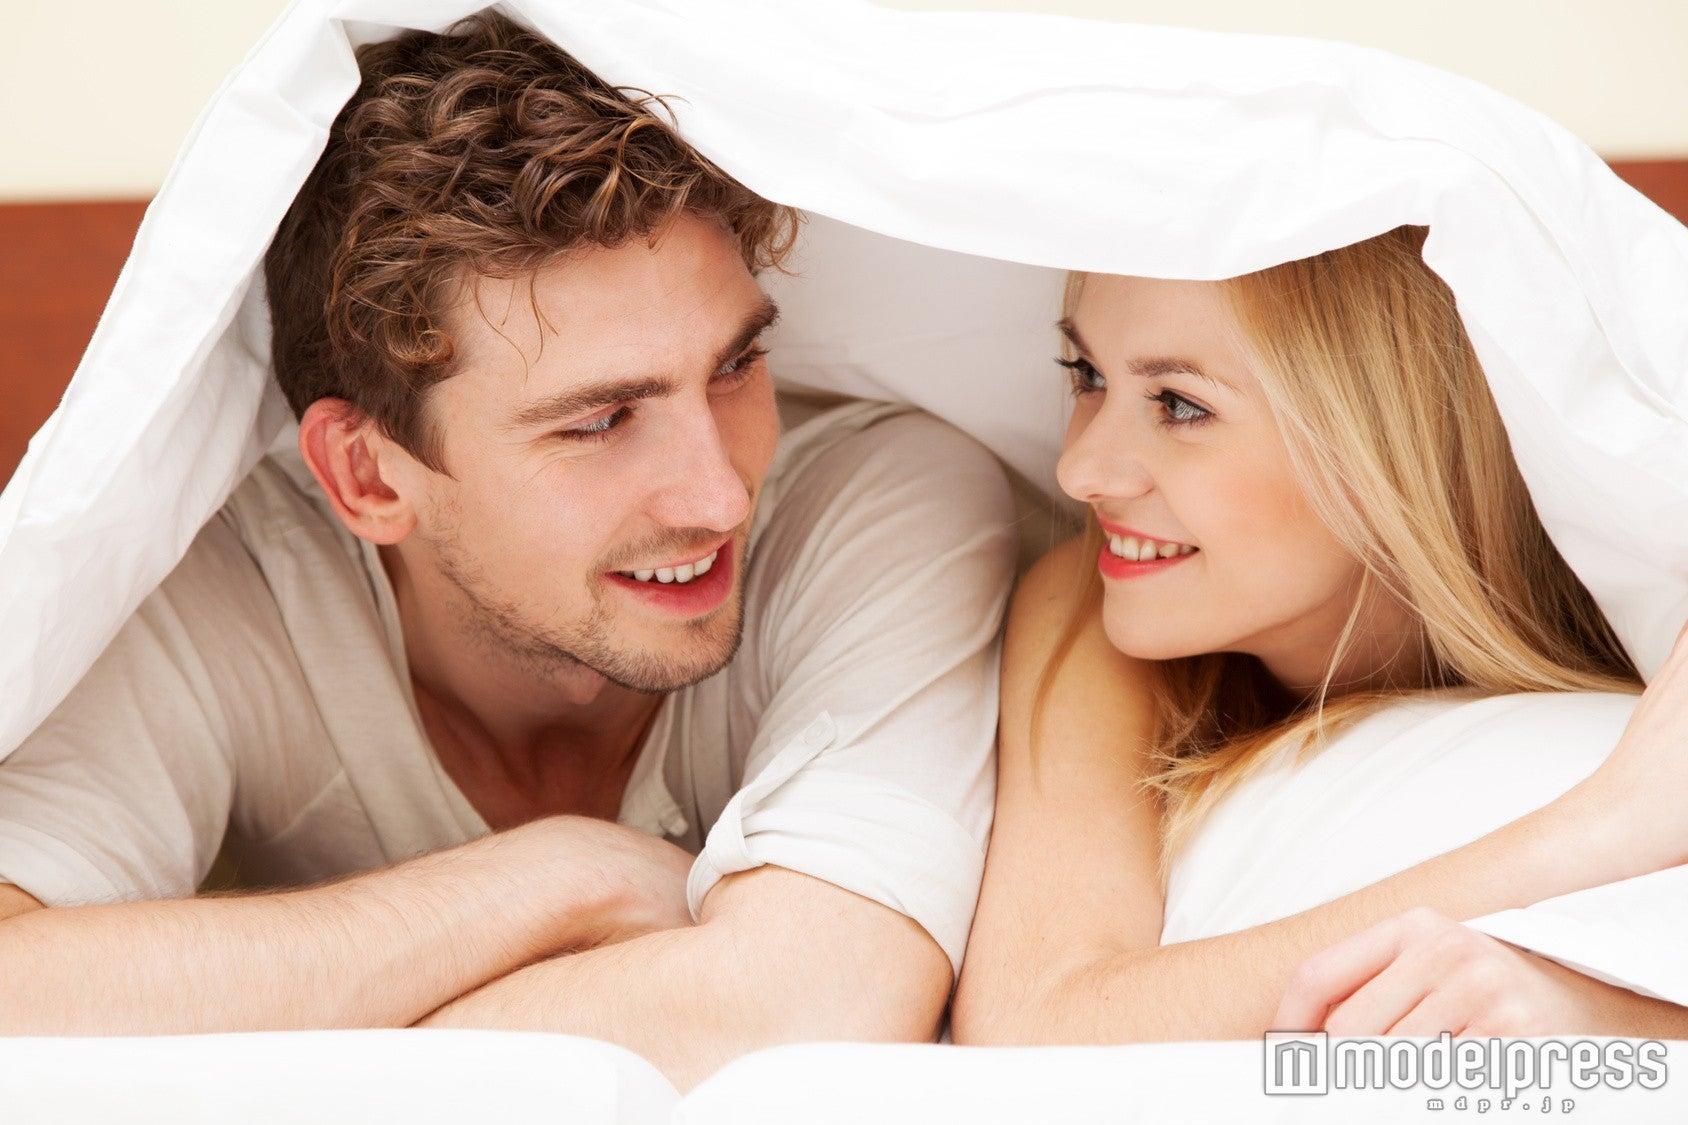 男性 が 本当に 好き な 相手 に だけ する 愛情 表現 5 選 が 当たり すぎ て て スゴ い